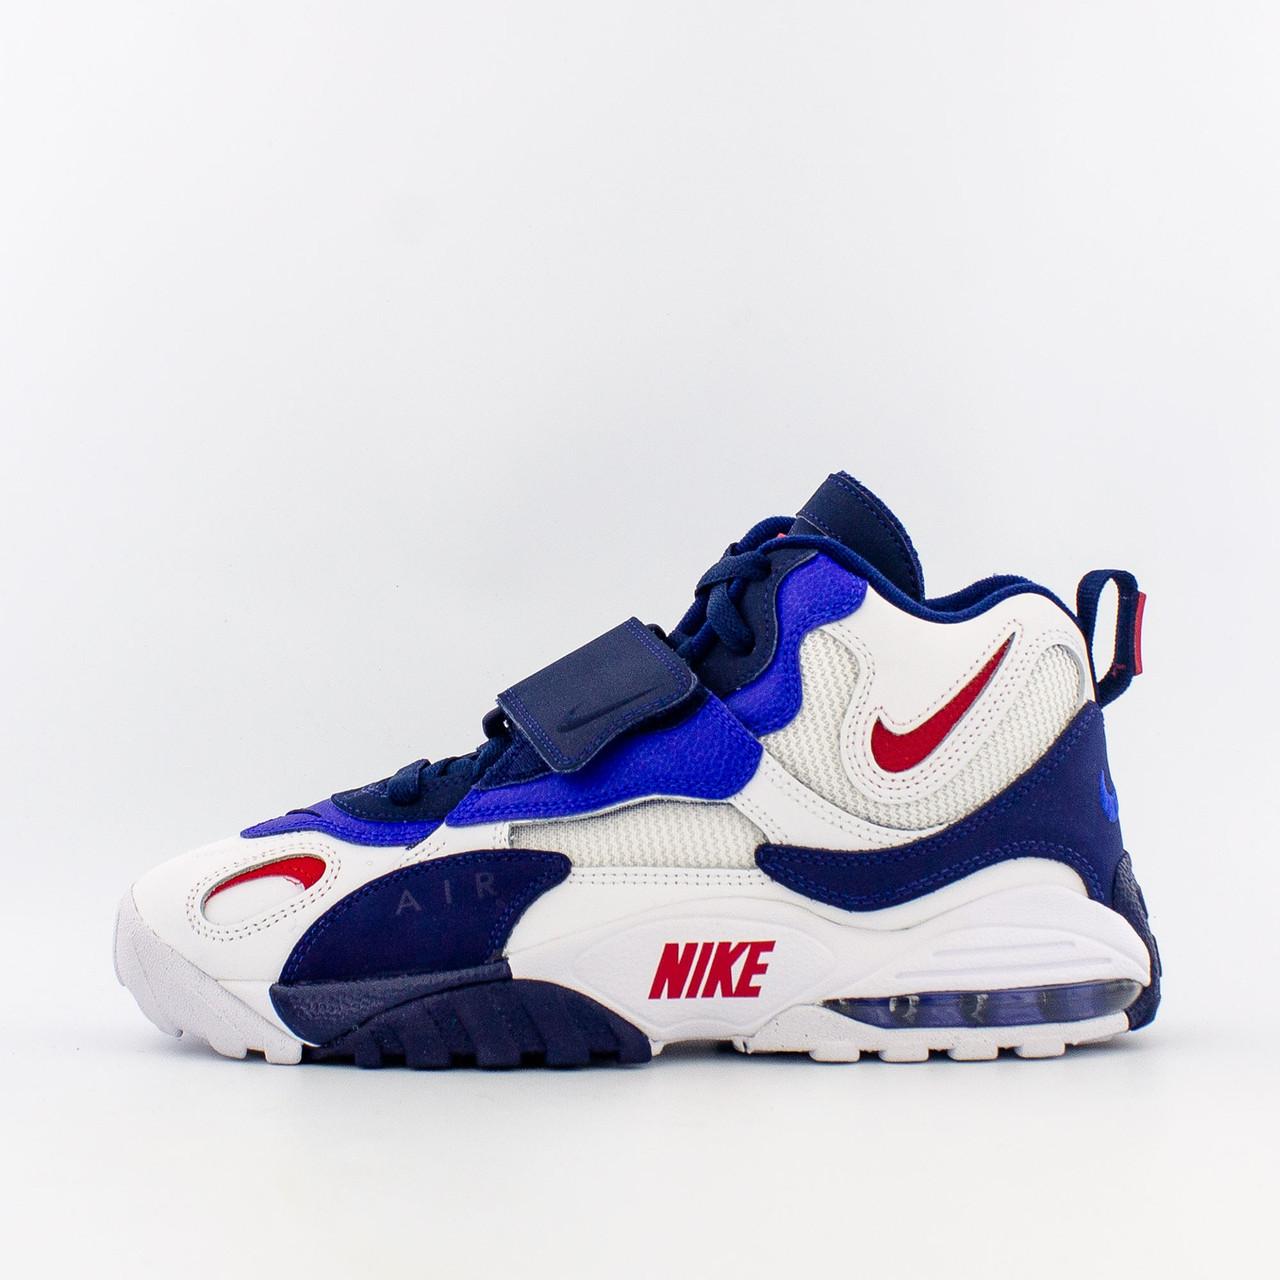 594eb98d Оригинальные Кроссовки Nike Air Max Speed Turf — в Категории ...